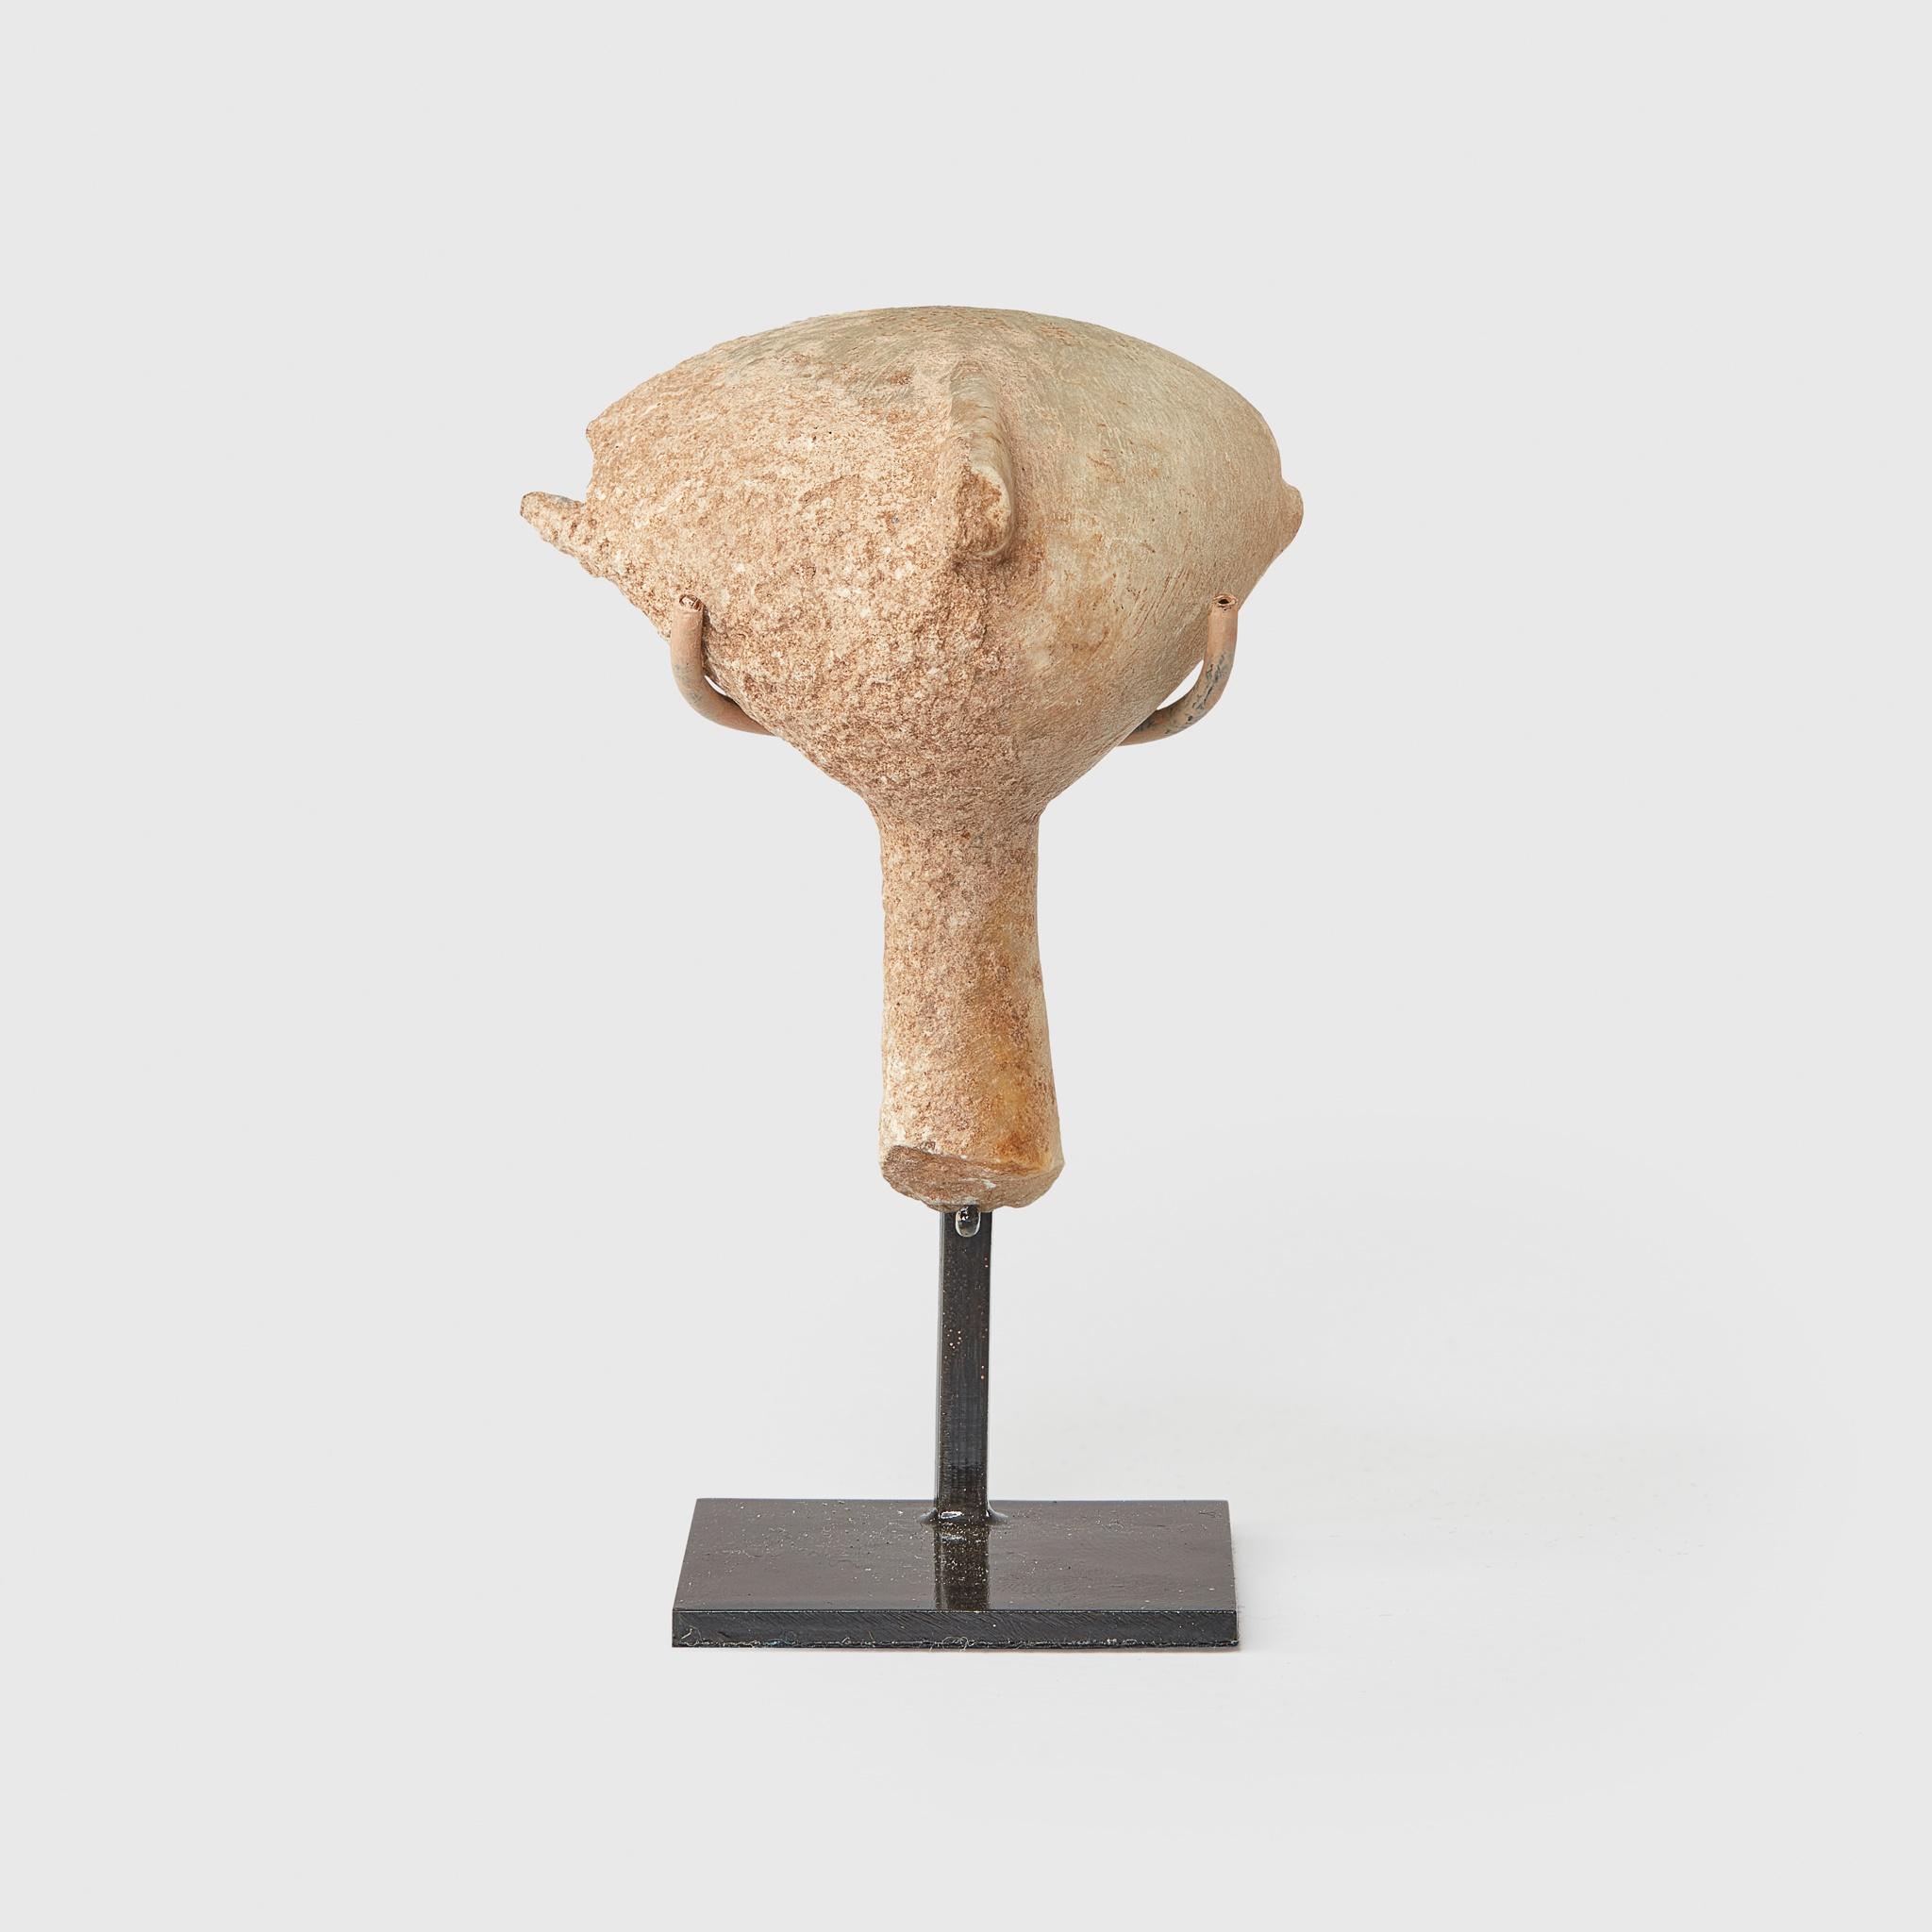 """KILIA """"STARGAZER"""" HEAD ANATOLIA, BRONZE AGE II c. 2700 - 2500 B.C. - Image 2 of 2"""